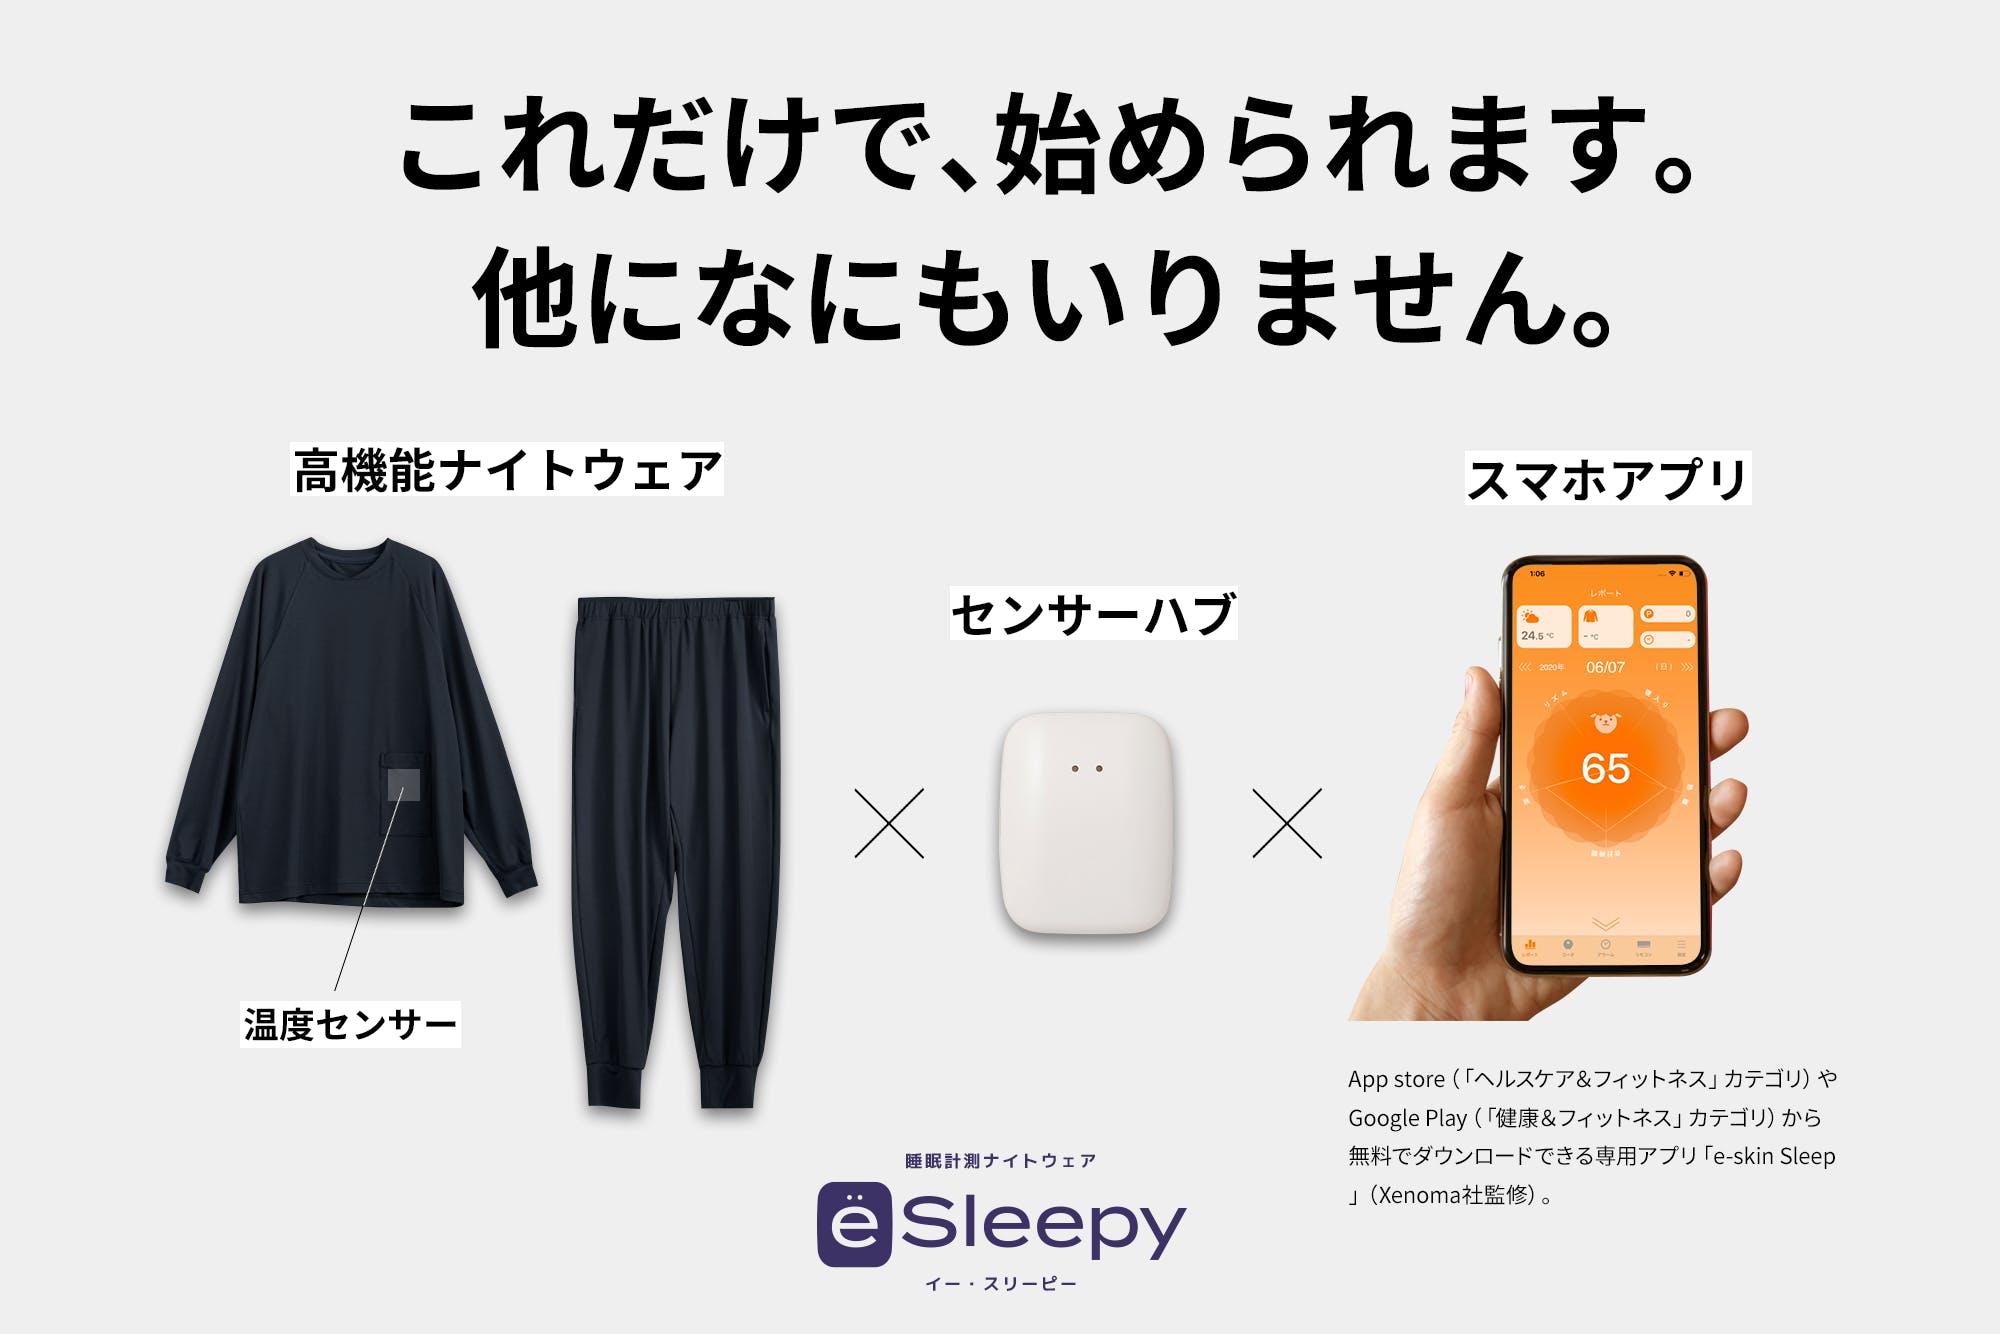 あなたの睡眠にアプローチする、0.5歩先行く睡眠改善ナイトウェア_2